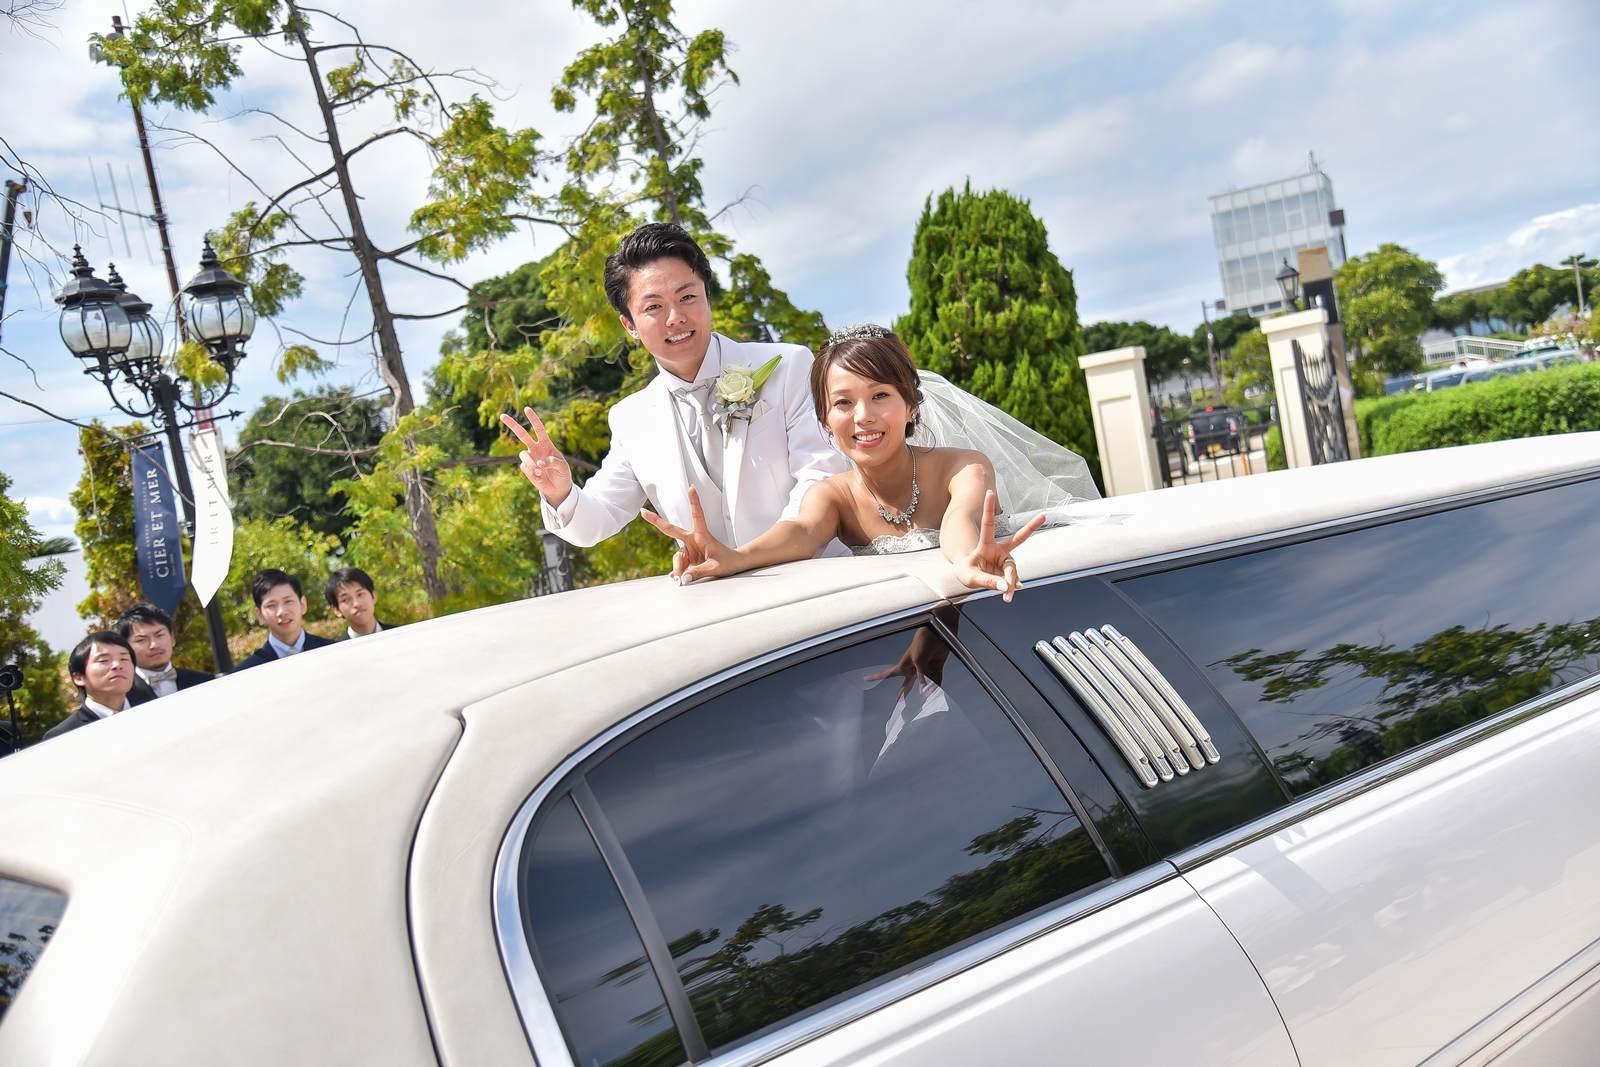 香川の結婚式場シェルエメール&アイスタイル リムジン